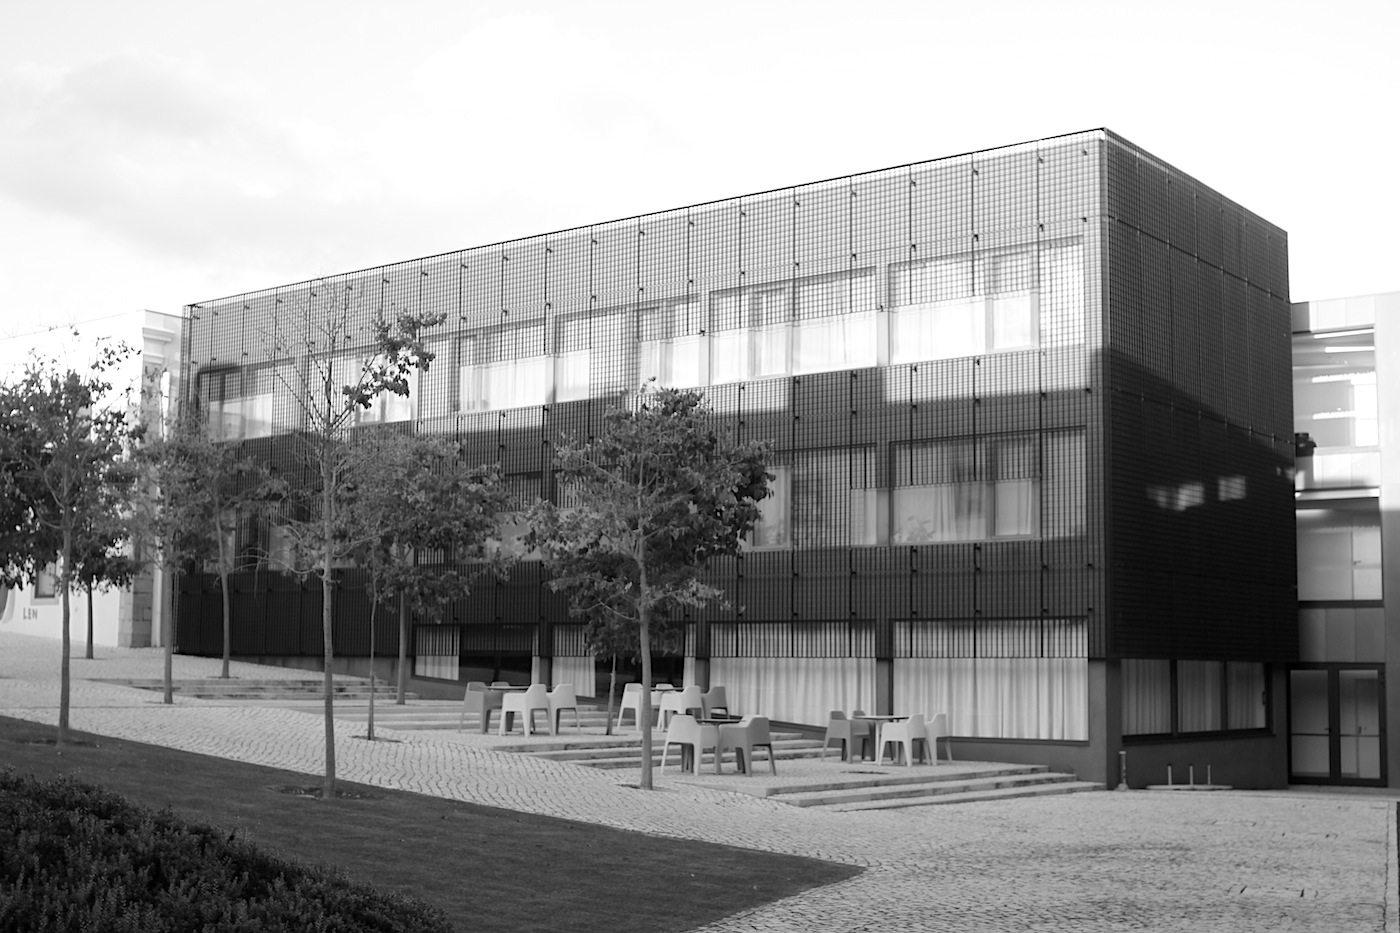 Cidadela de Cascais. Einziger Neubau in der Anlage.